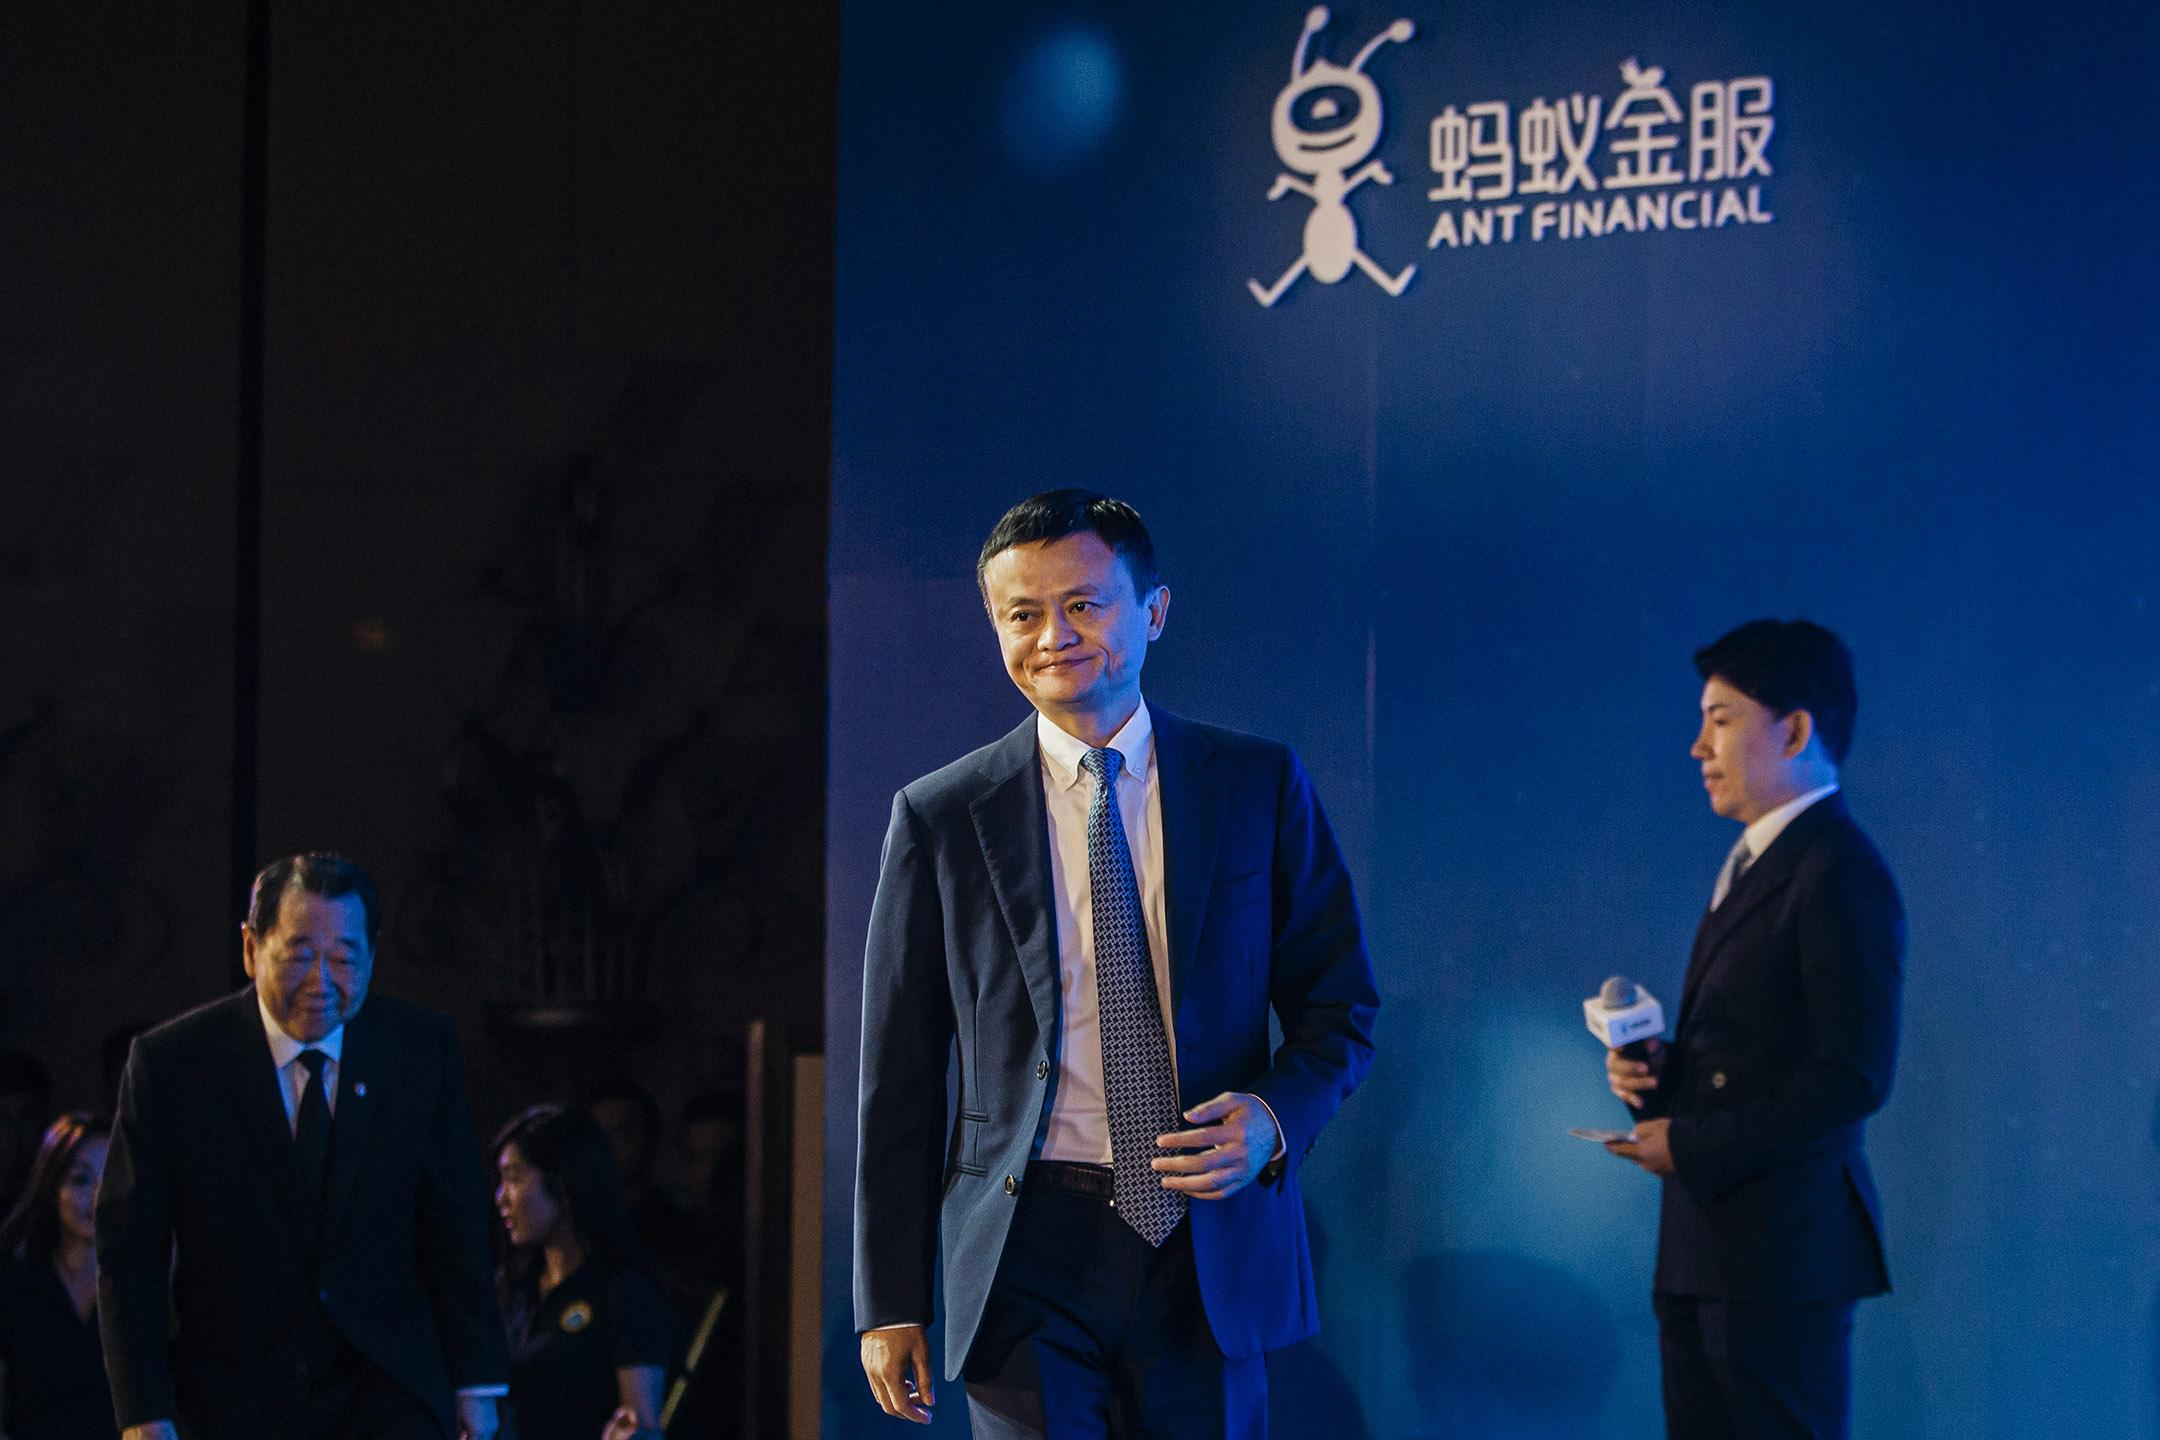 2016年11月1日香港,阿里巴巴集團董事長馬雲參加新聞發布會。 攝:Anthony Kwan/Bloomberg via Getty Images